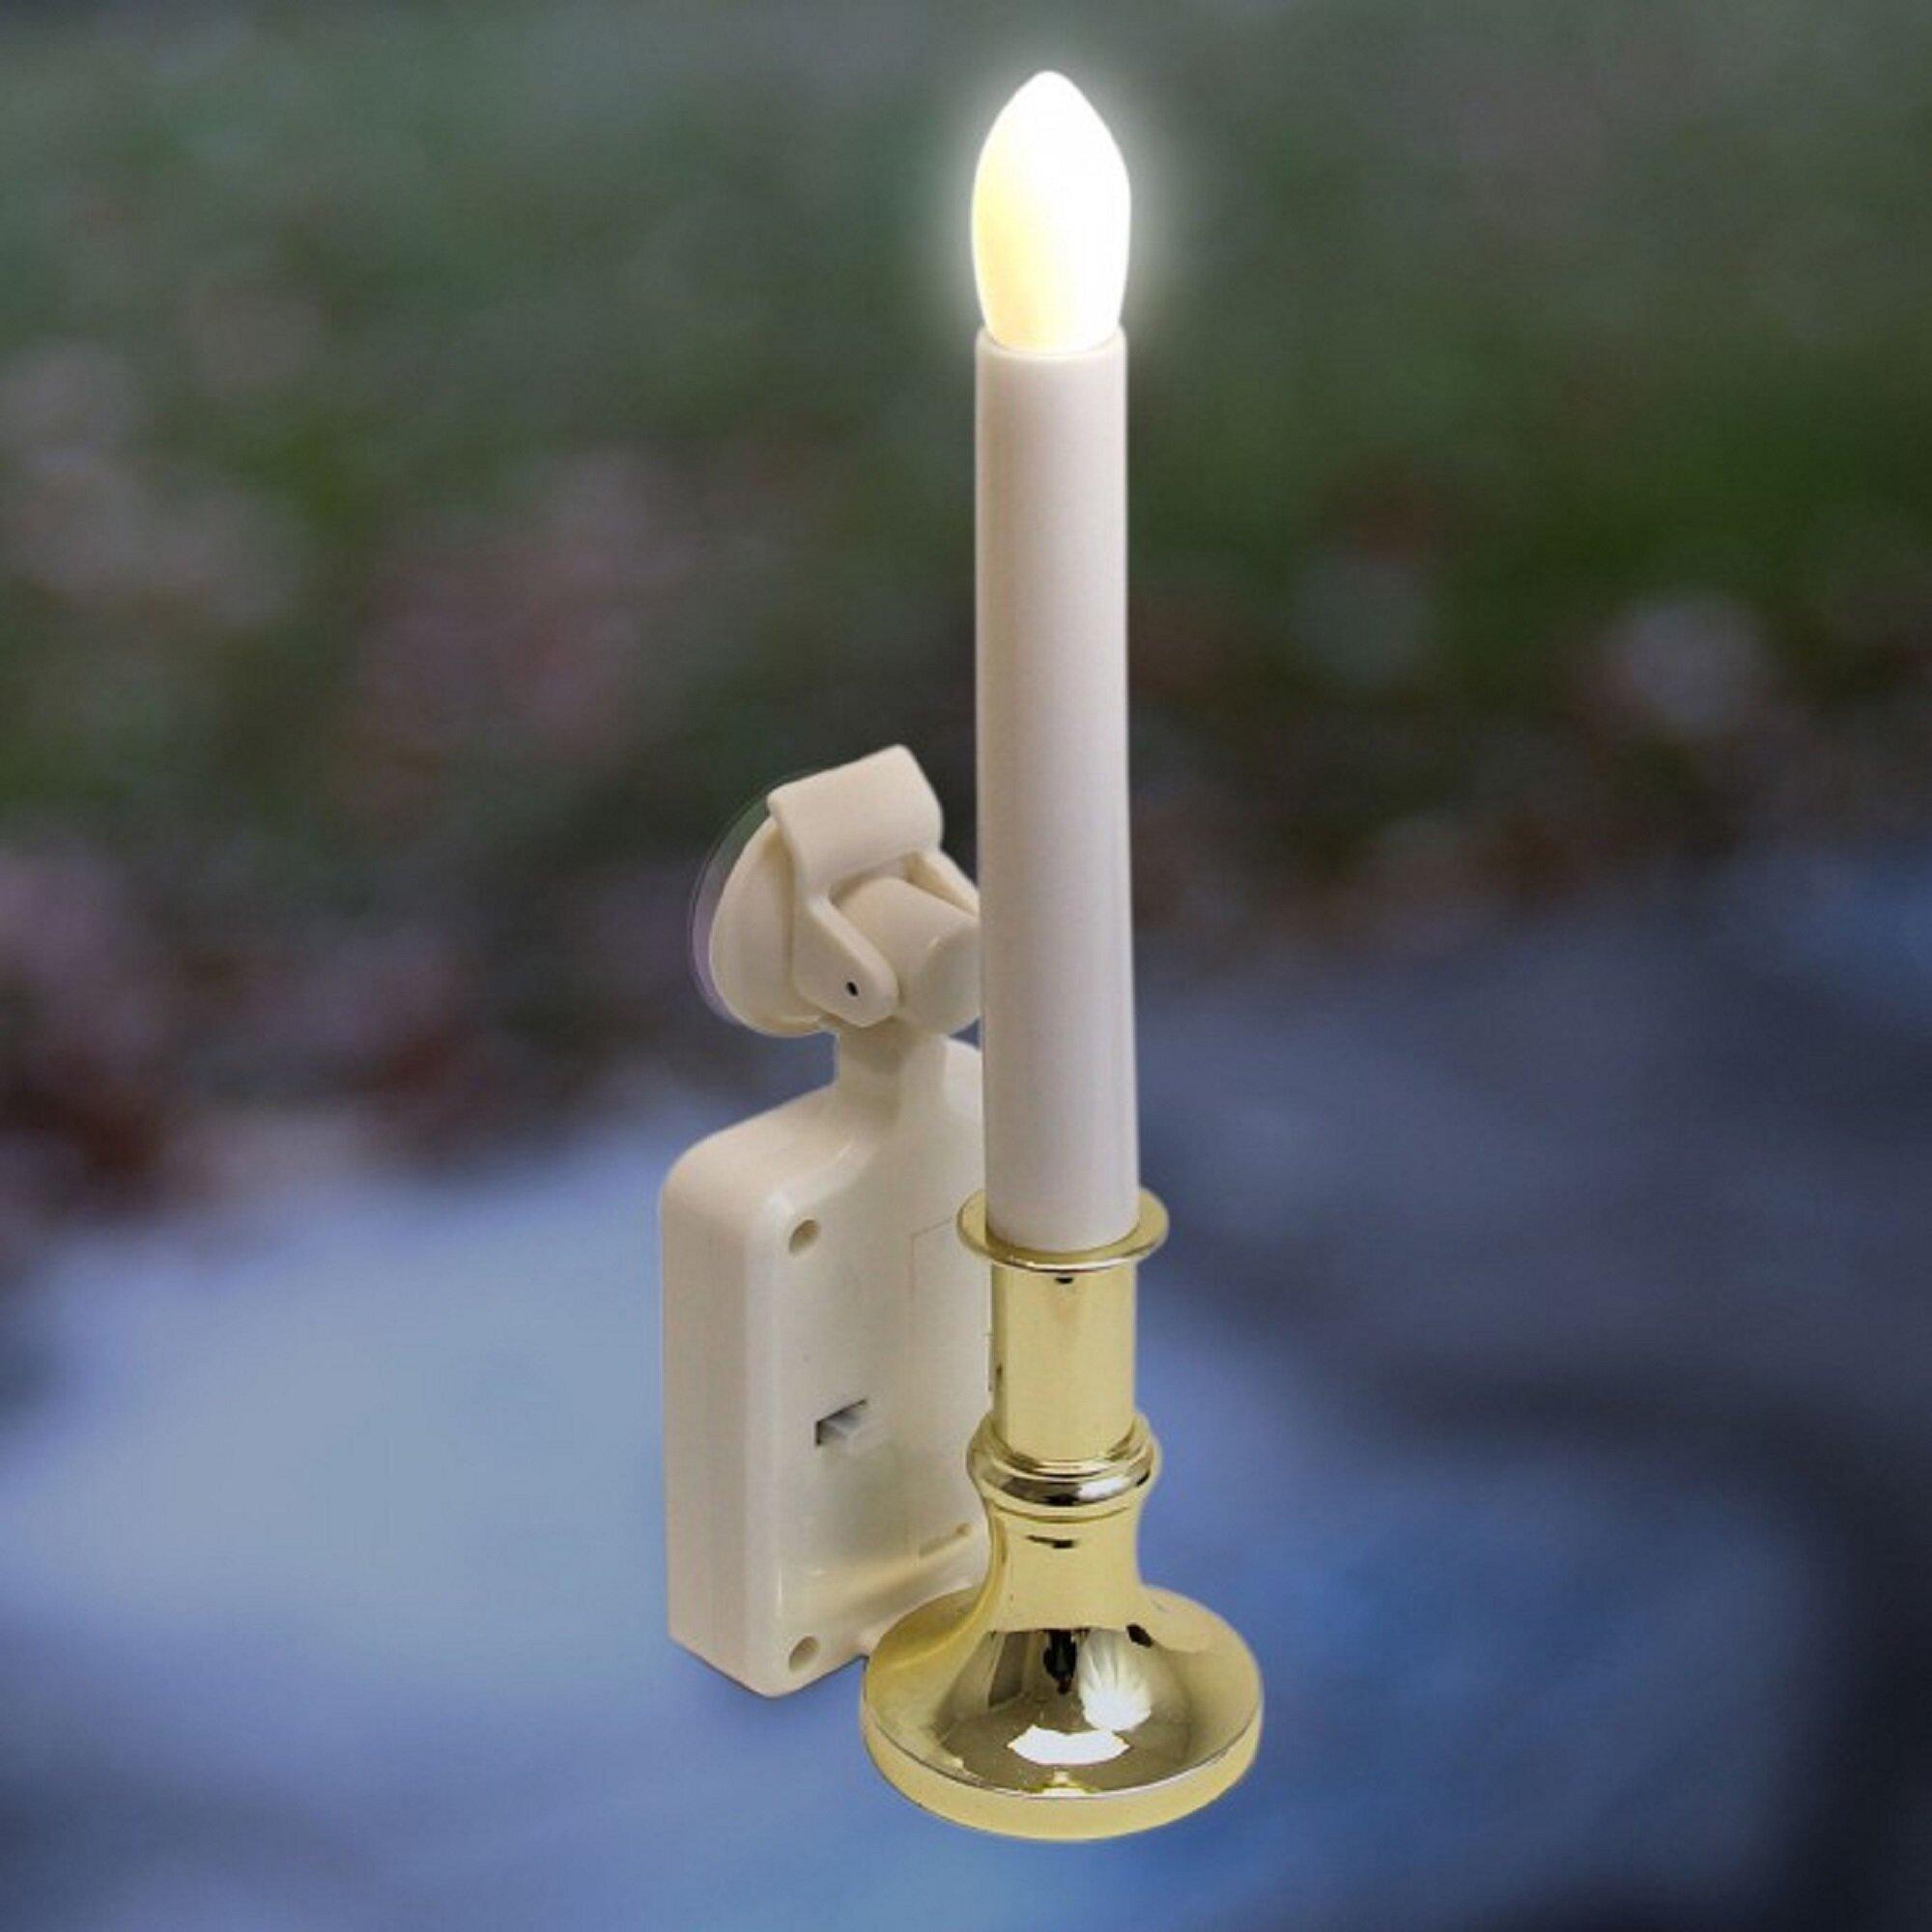 The Holiday Aisle Led Flame Window Candle Solar Lighted Décor Wayfair